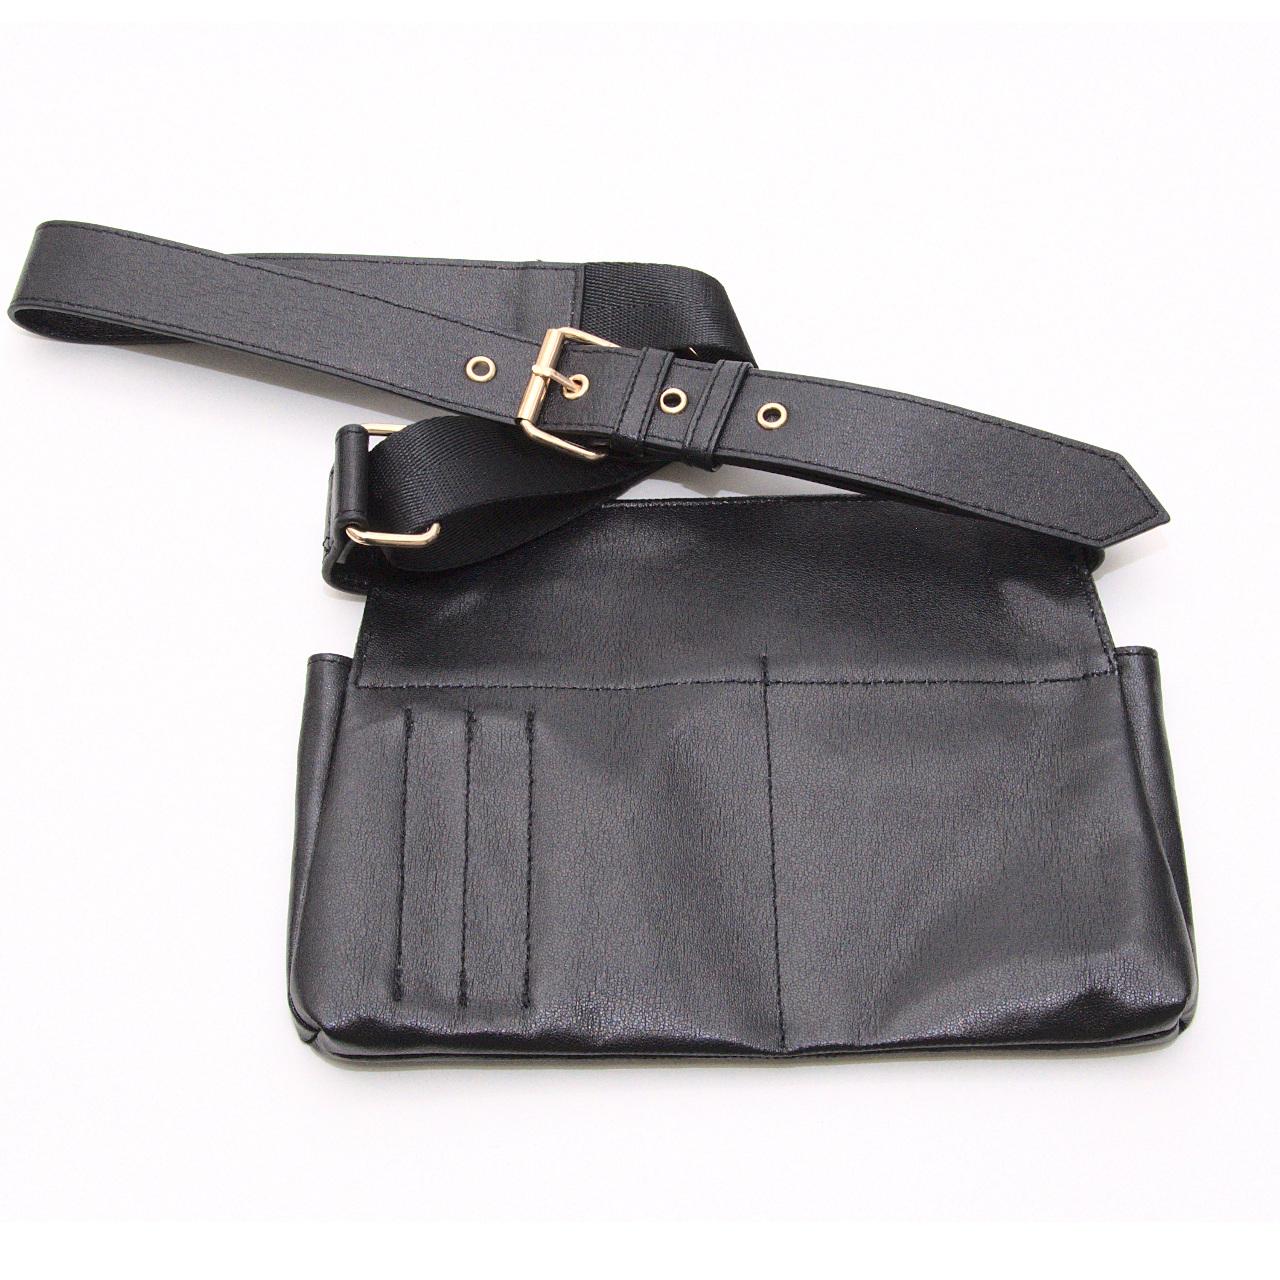 特殊な形状のバッグ